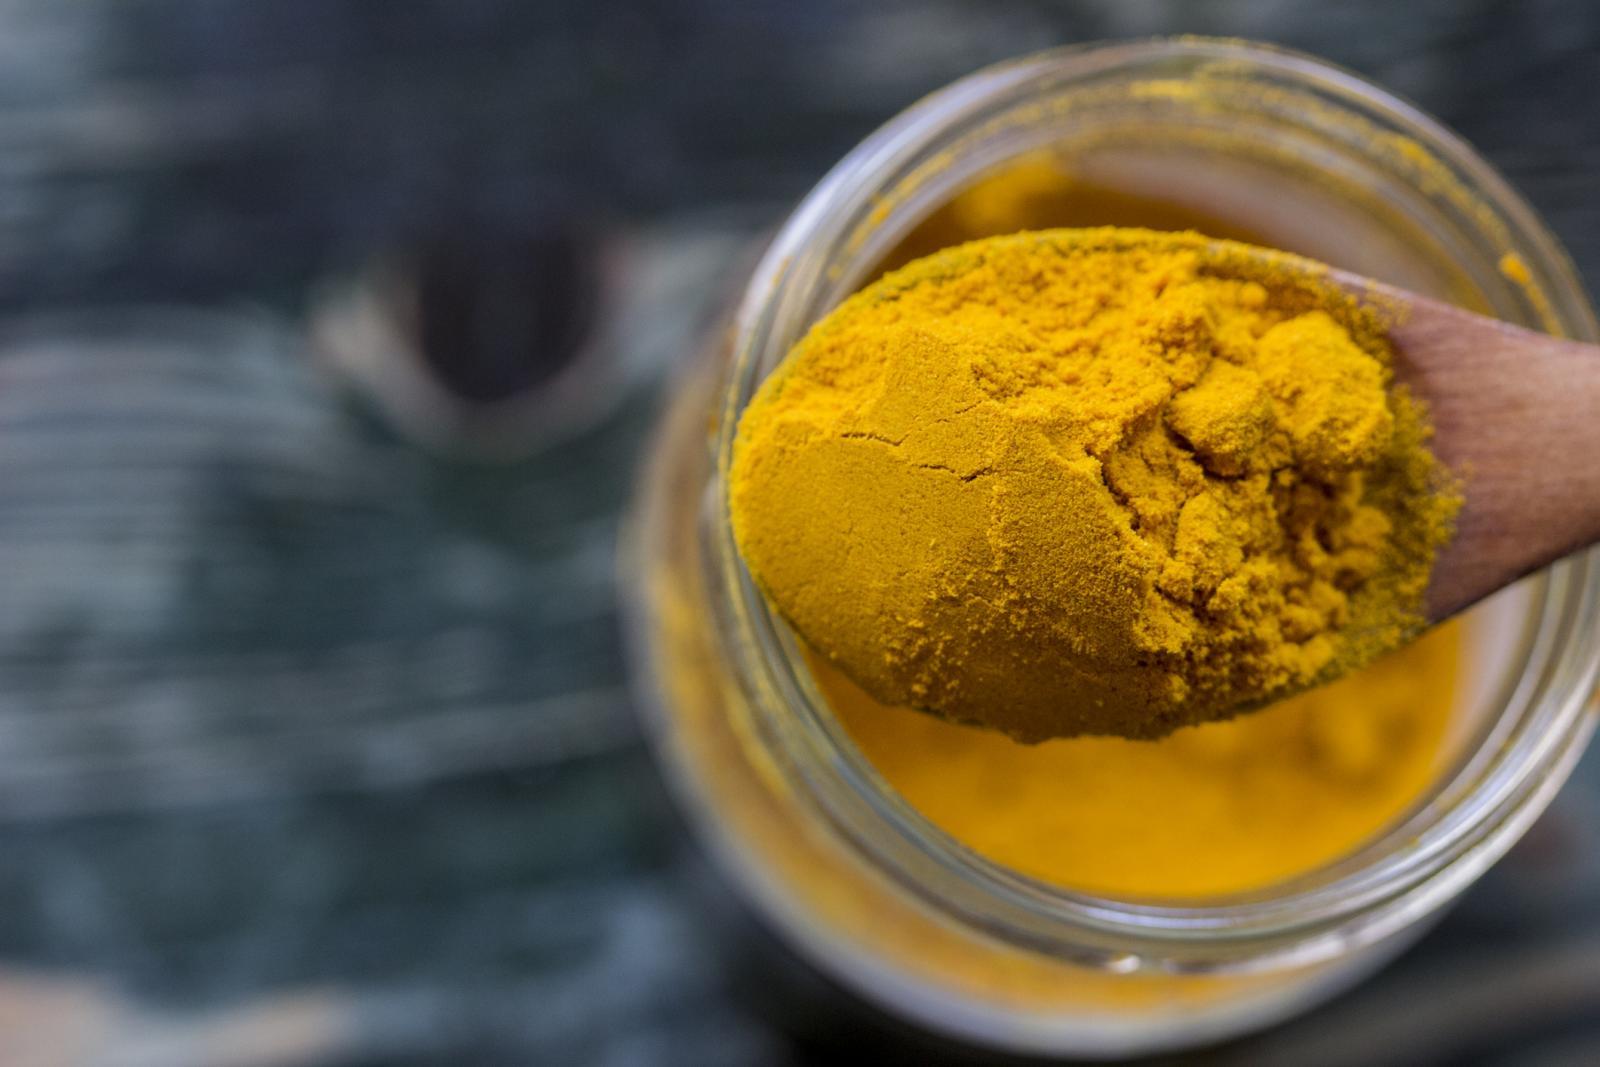 Kurkuma se najčešće koristi kao dodatak prehrani zbog svoje ugodne blage arome i egzotične žute boje.